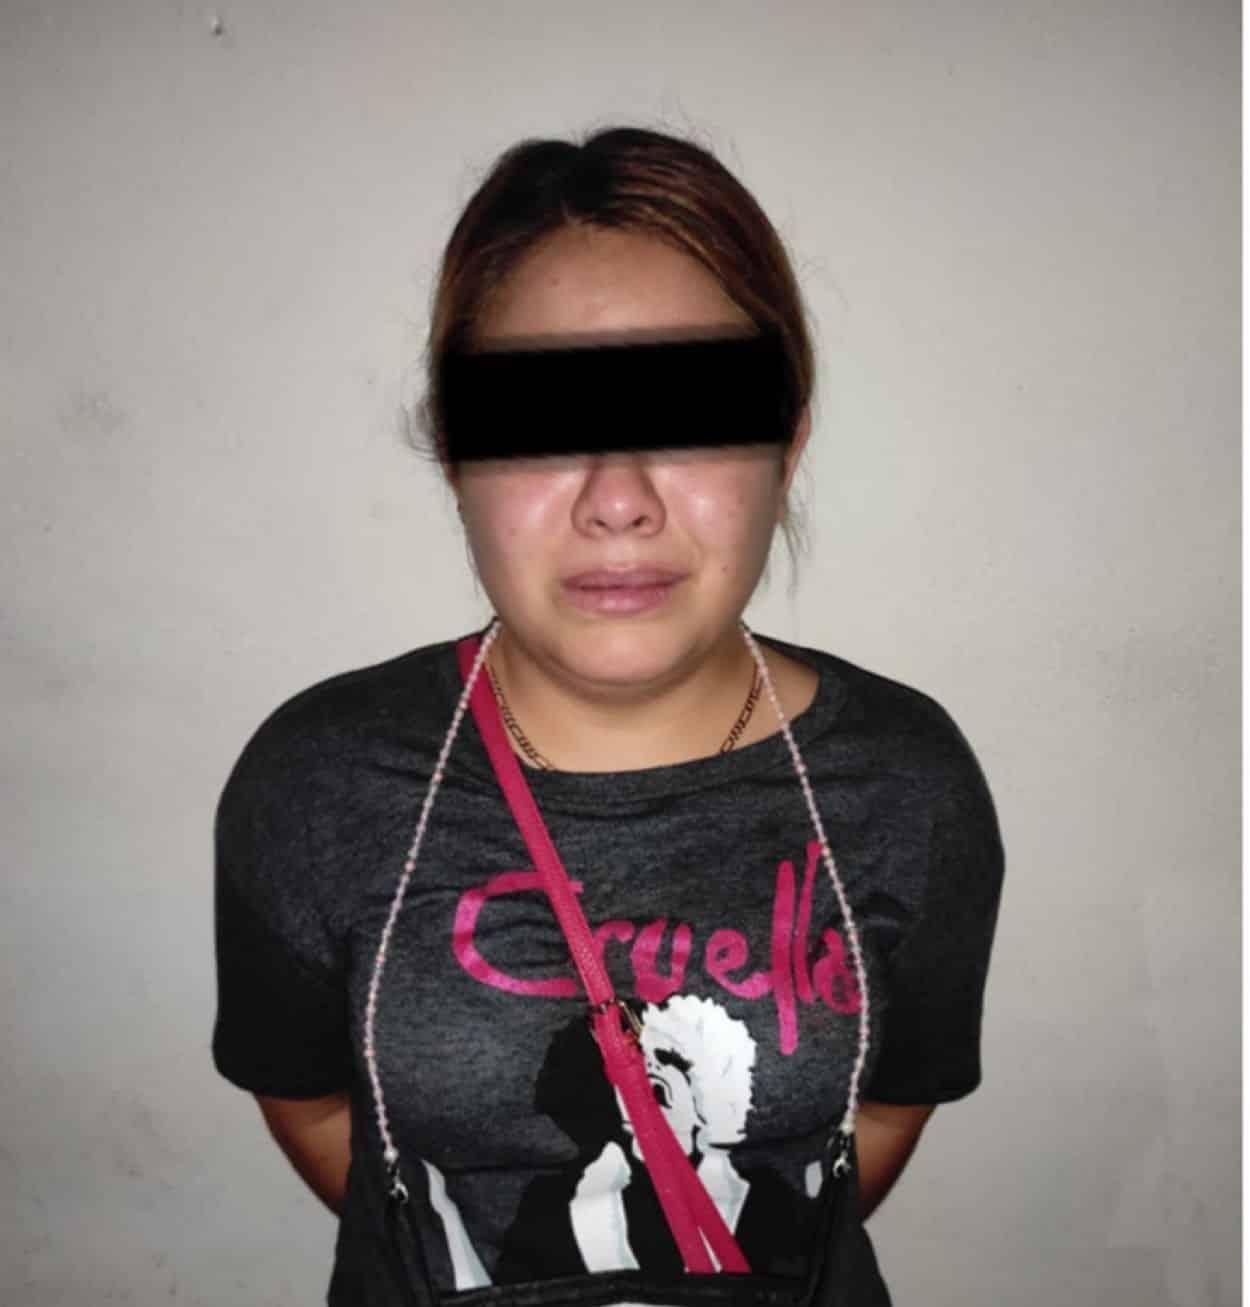 Dos mujeres y tres hombres que violaron los sellos de un domicilio asegurado por la Fiscalía General de Justicia por actividades de narco menudeo